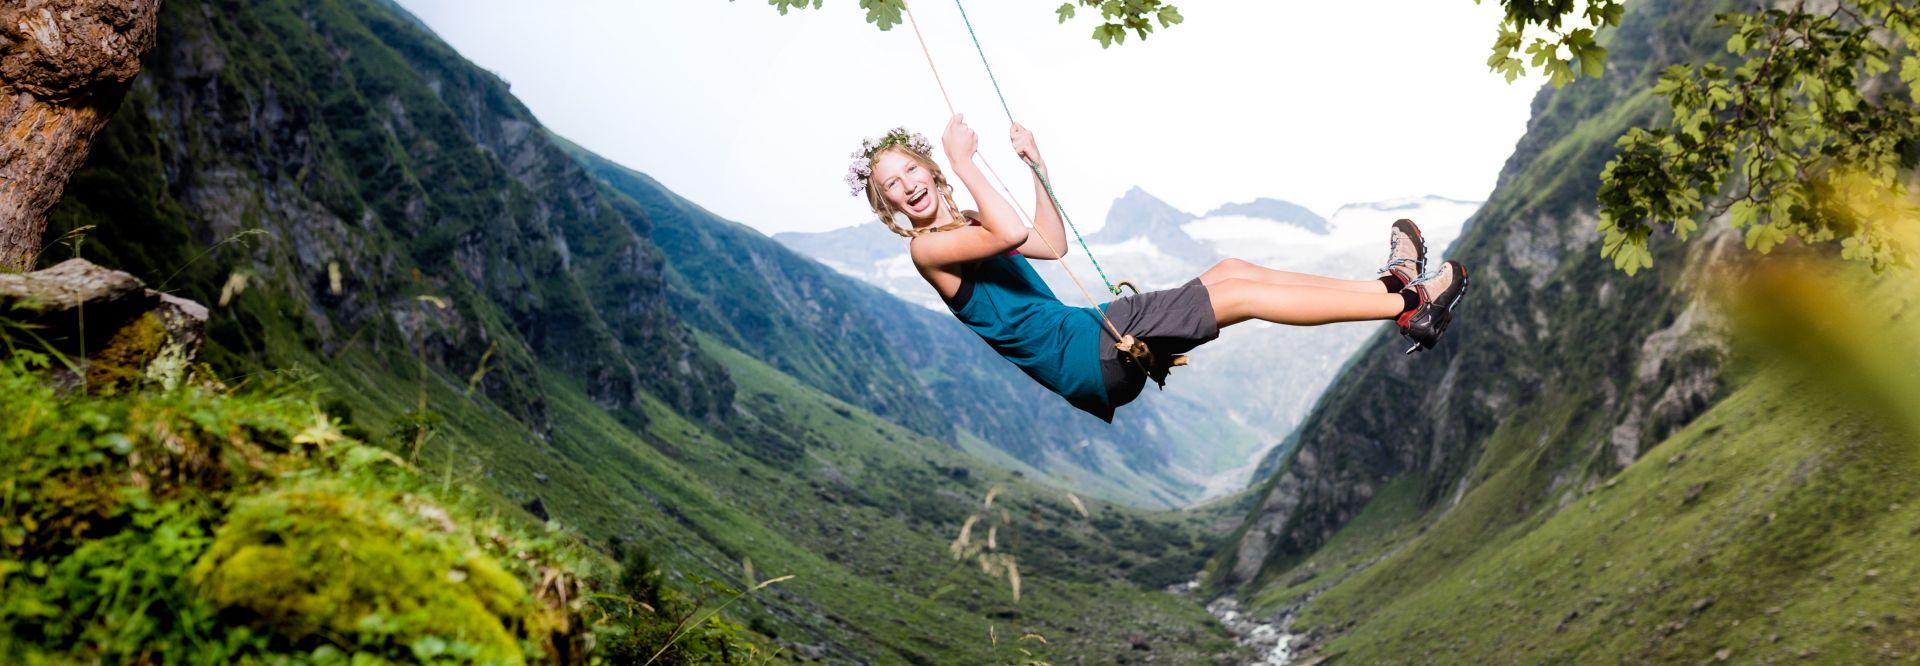 Mädchen beim Schaukeln vor beeindruckender Bergkulisse (Wildkogel Arena)